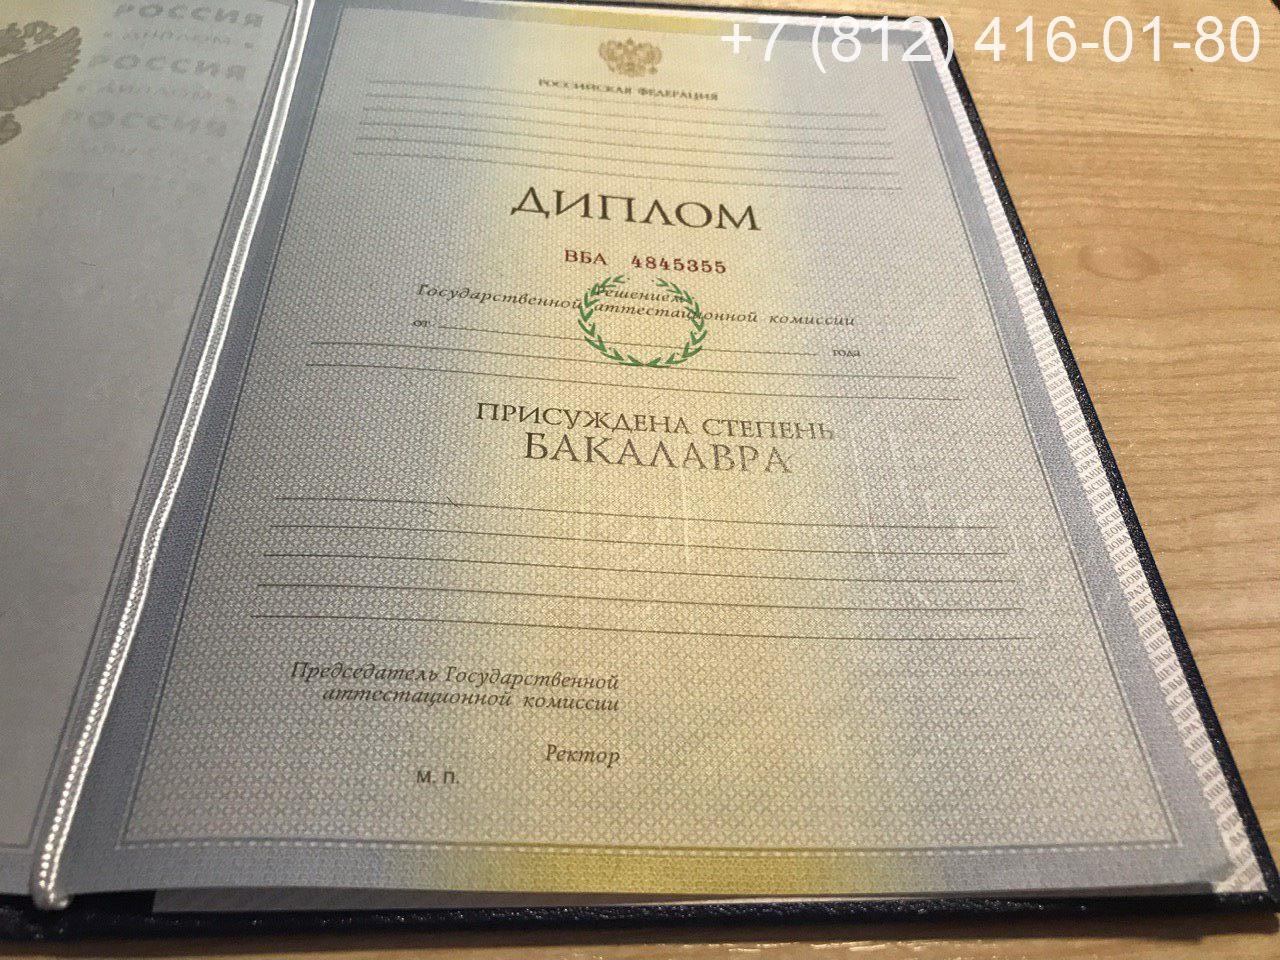 Диплом бакалавра 2010-2011 годов, старого образца